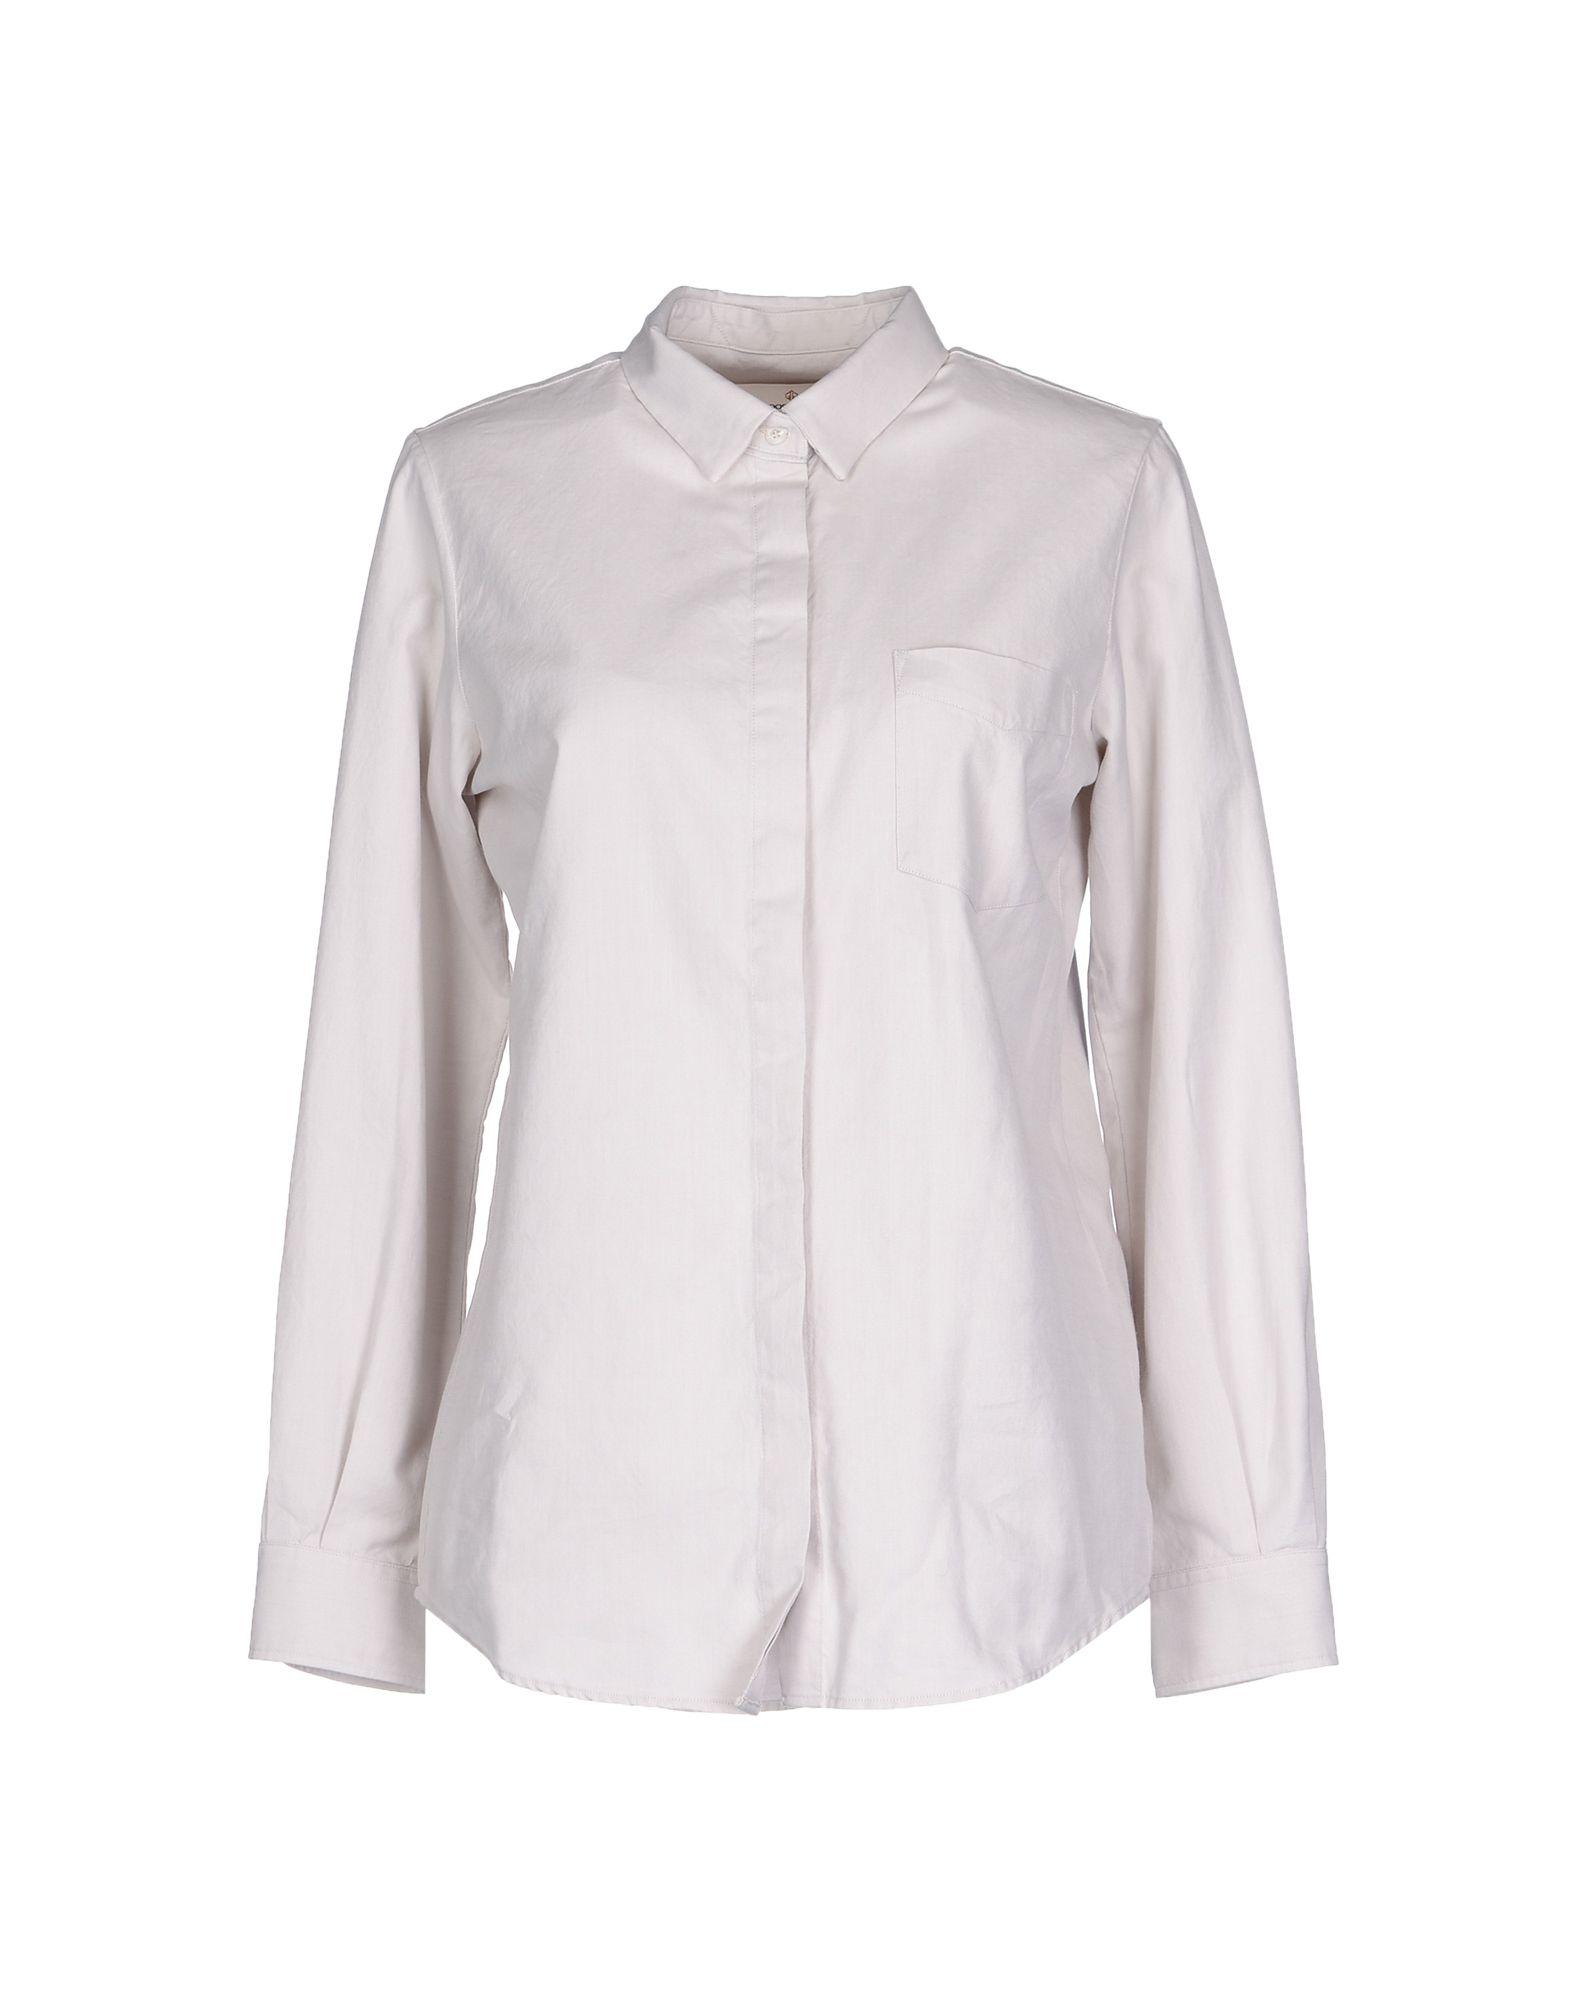 Camicie E Bluse Tinta Unita Golden Goose Deluxe Brand Donna - Acquista online su T0I4tLMJcE